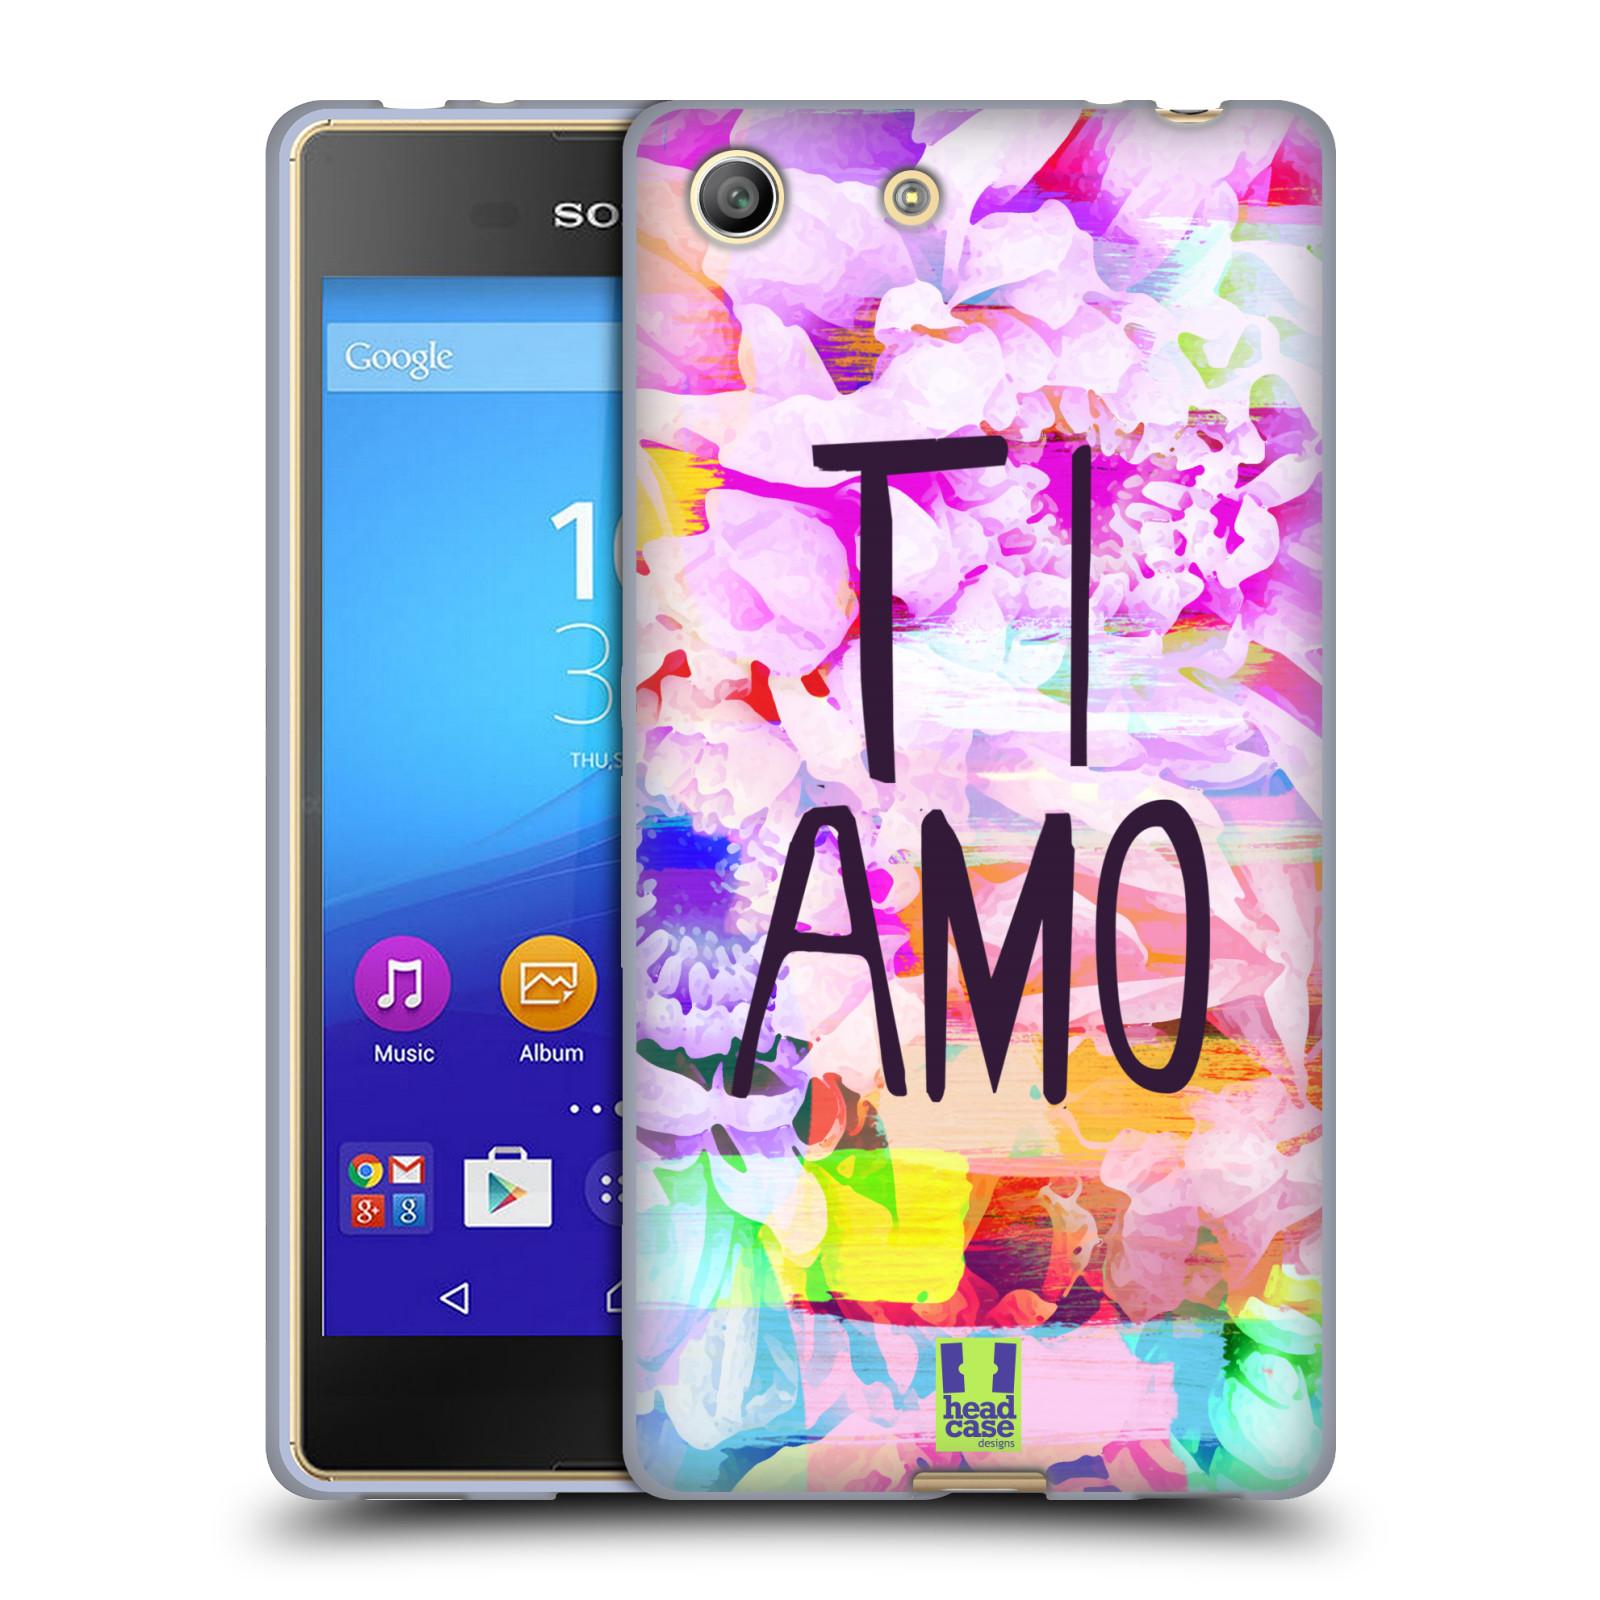 Silikonové pouzdro na mobil Sony Xperia M5 HEAD CASE Květy Ti Amo (Silikonový kryt či obal na mobilní telefon Sony Xperia M5 Dual SIM / Aqua)